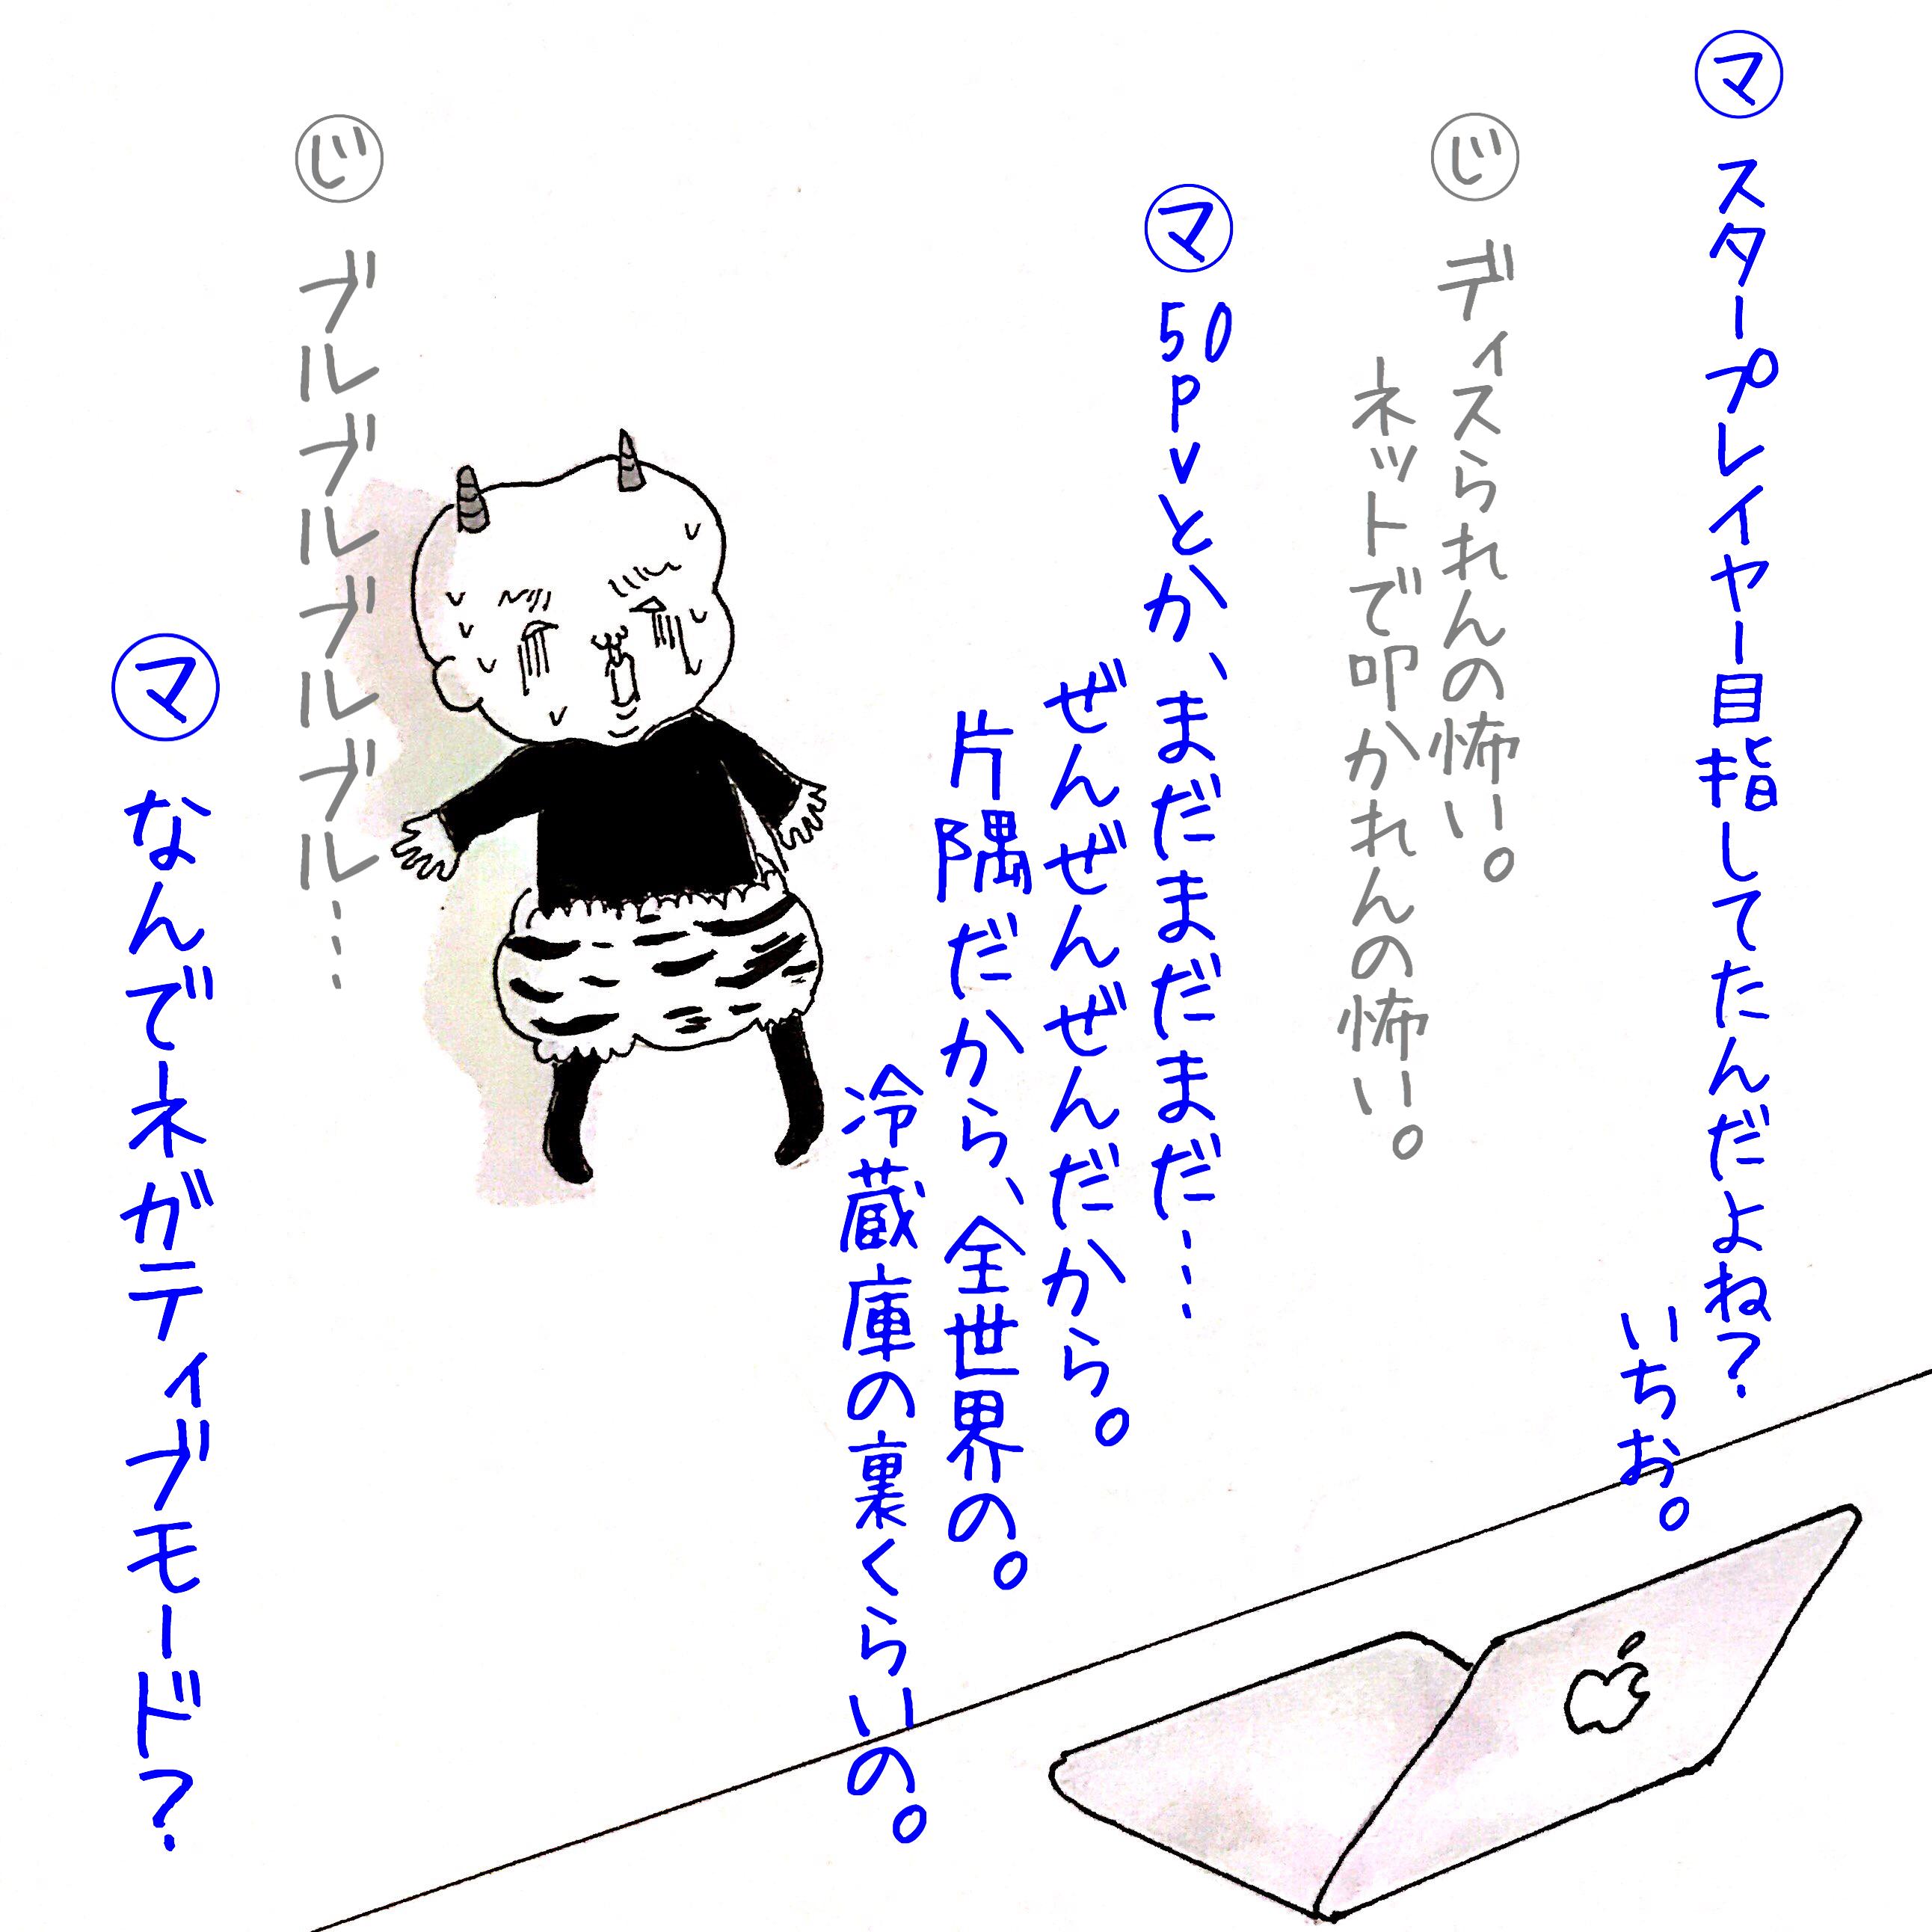 テレパシー会話漫画21